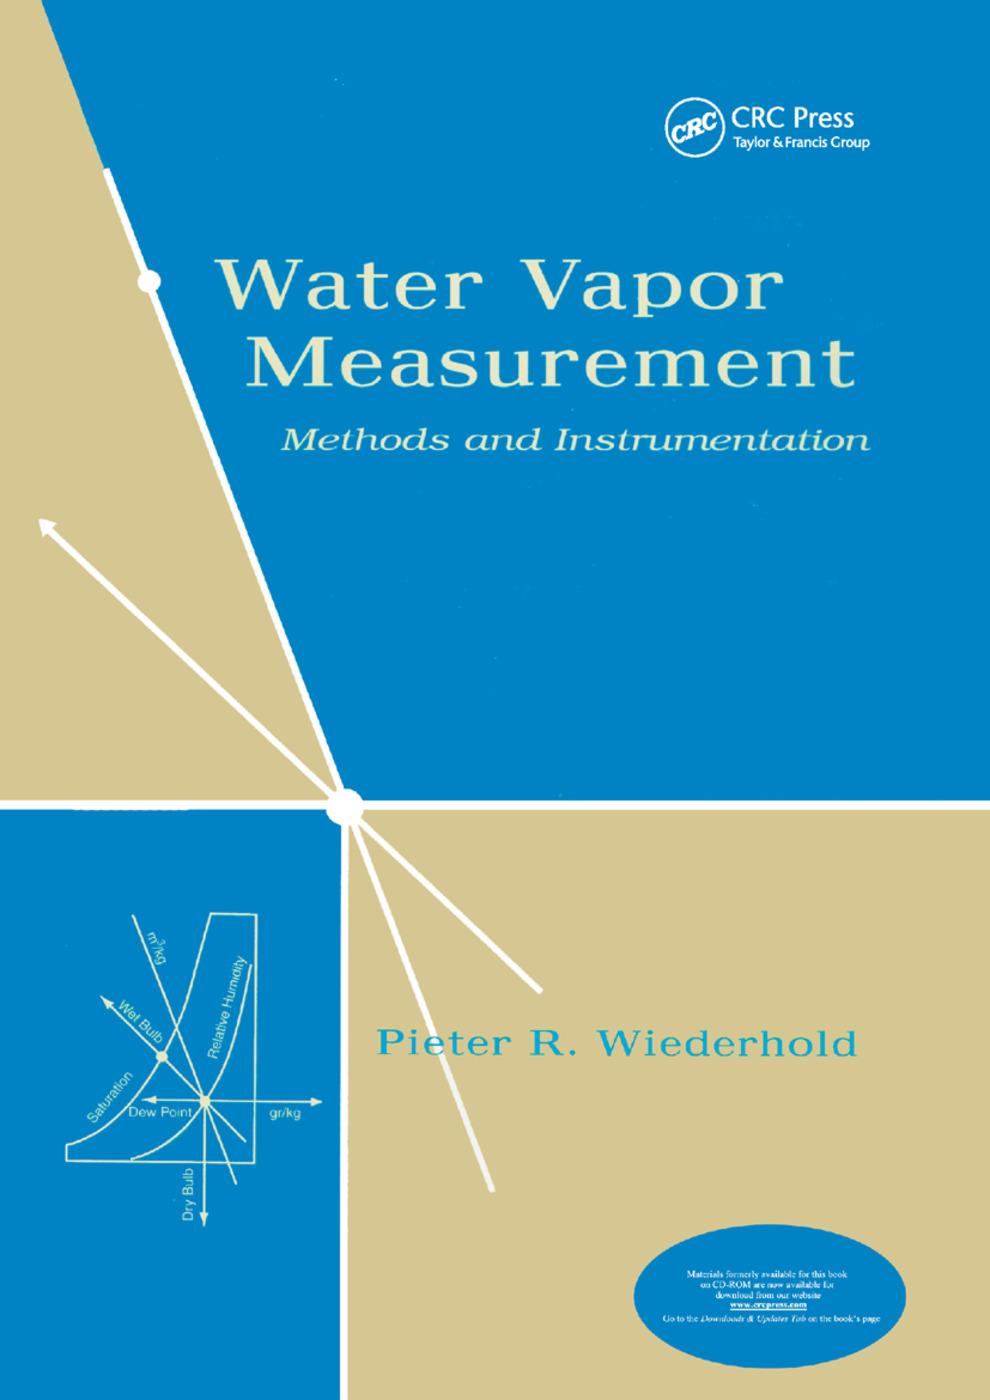 Water Vapor Measurement